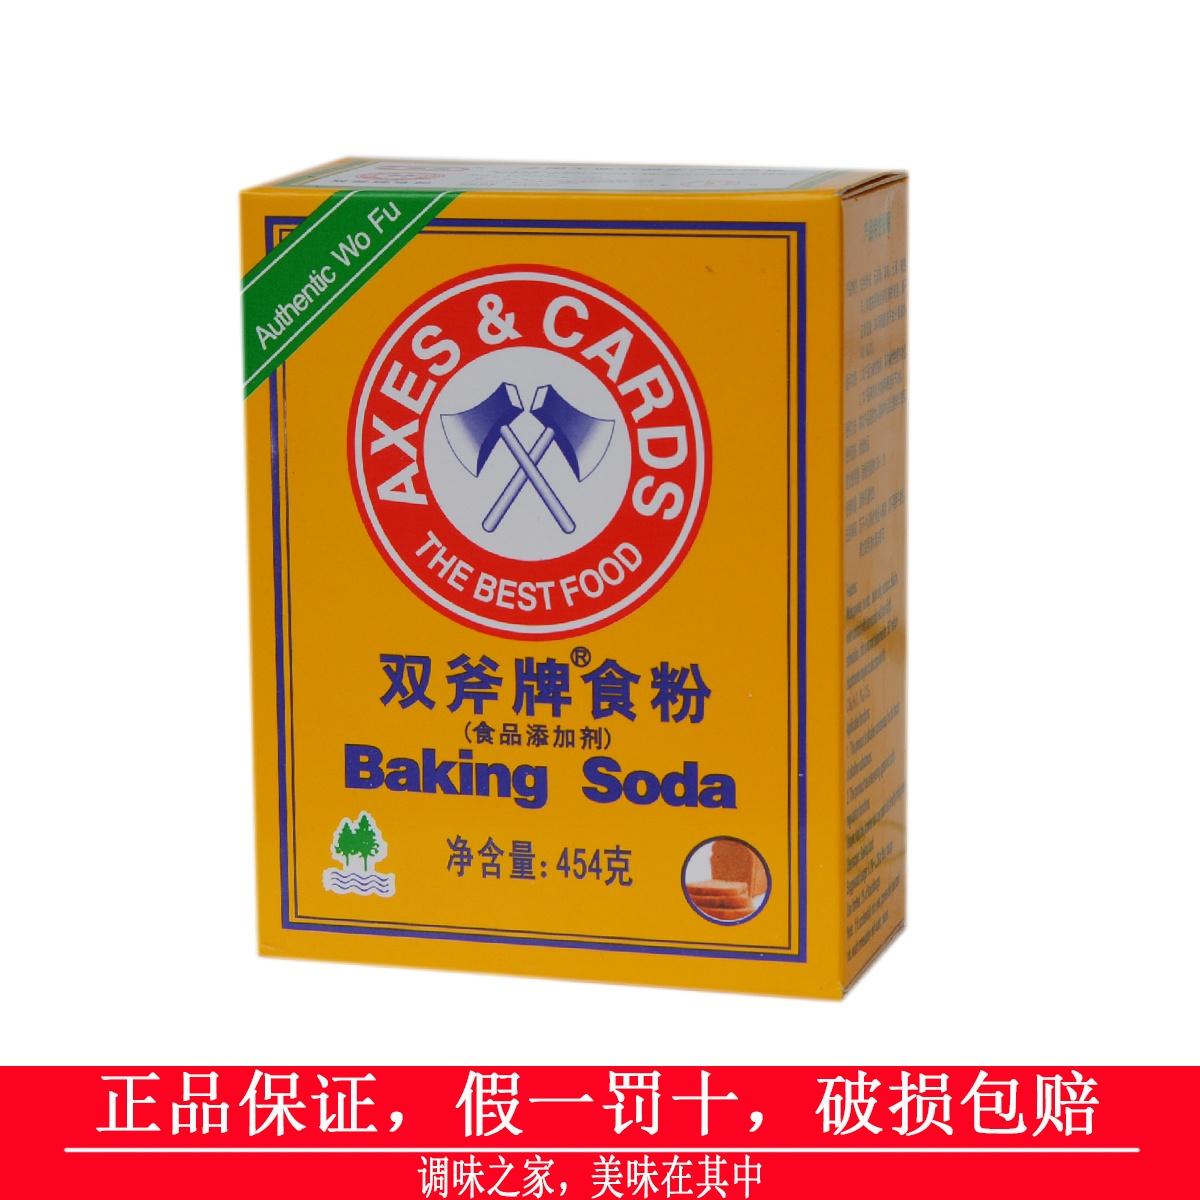 5盒包邮 双斧牌食粉 小苏打粉 烘焙原料 食用碳酸氢钠454g